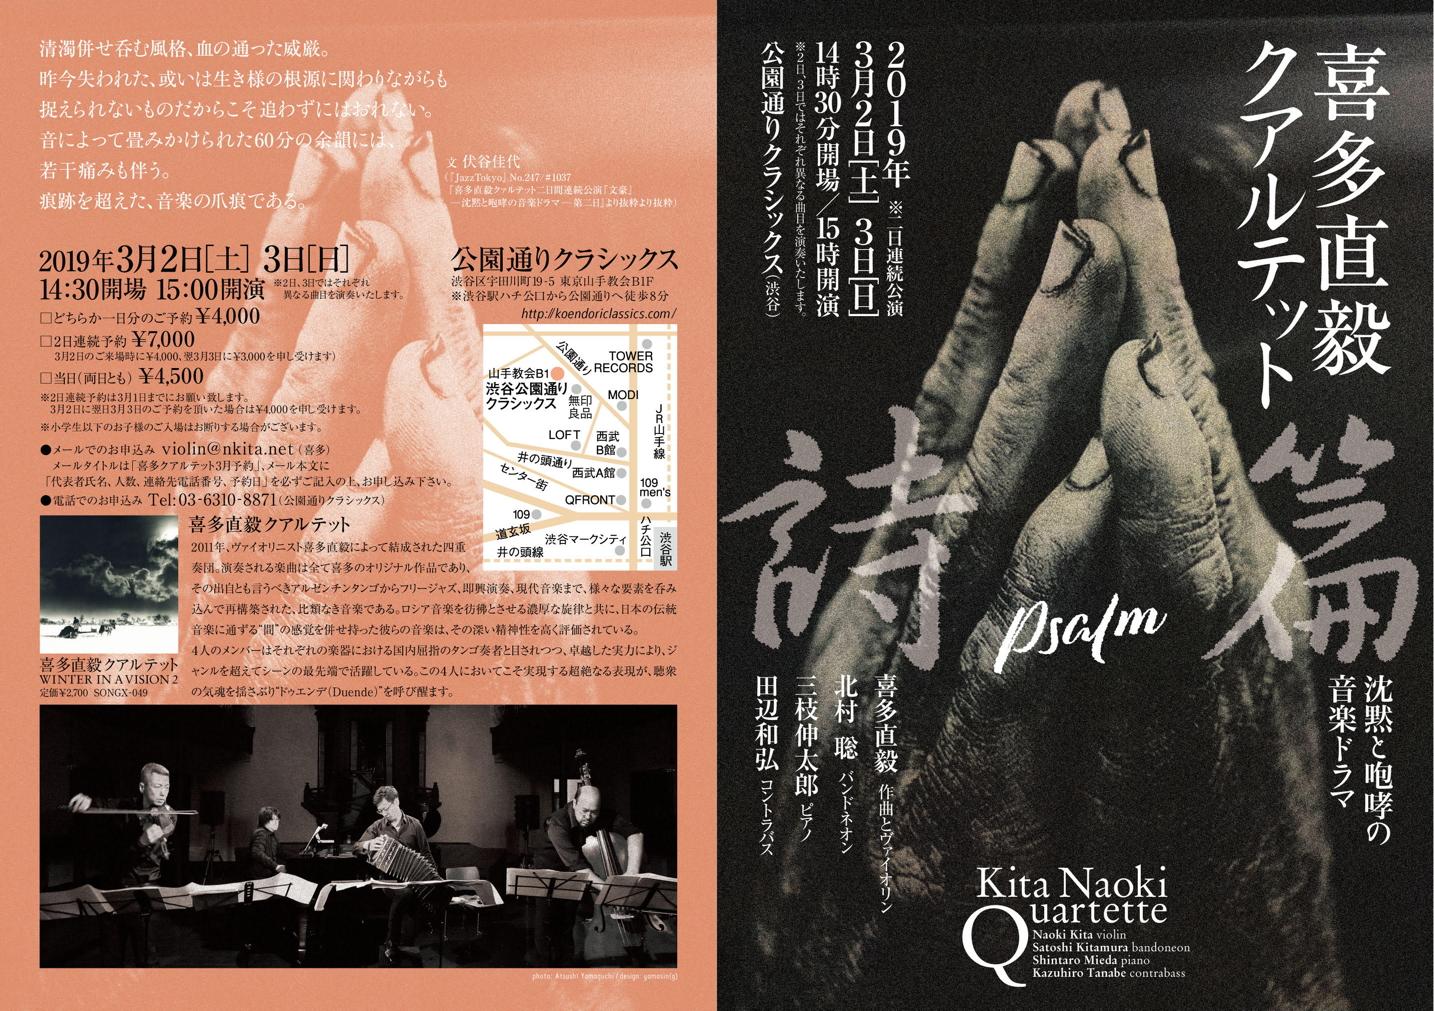 喜多直毅クアルテット 沈黙と咆哮の音楽ドラマ「詩篇 psalm」